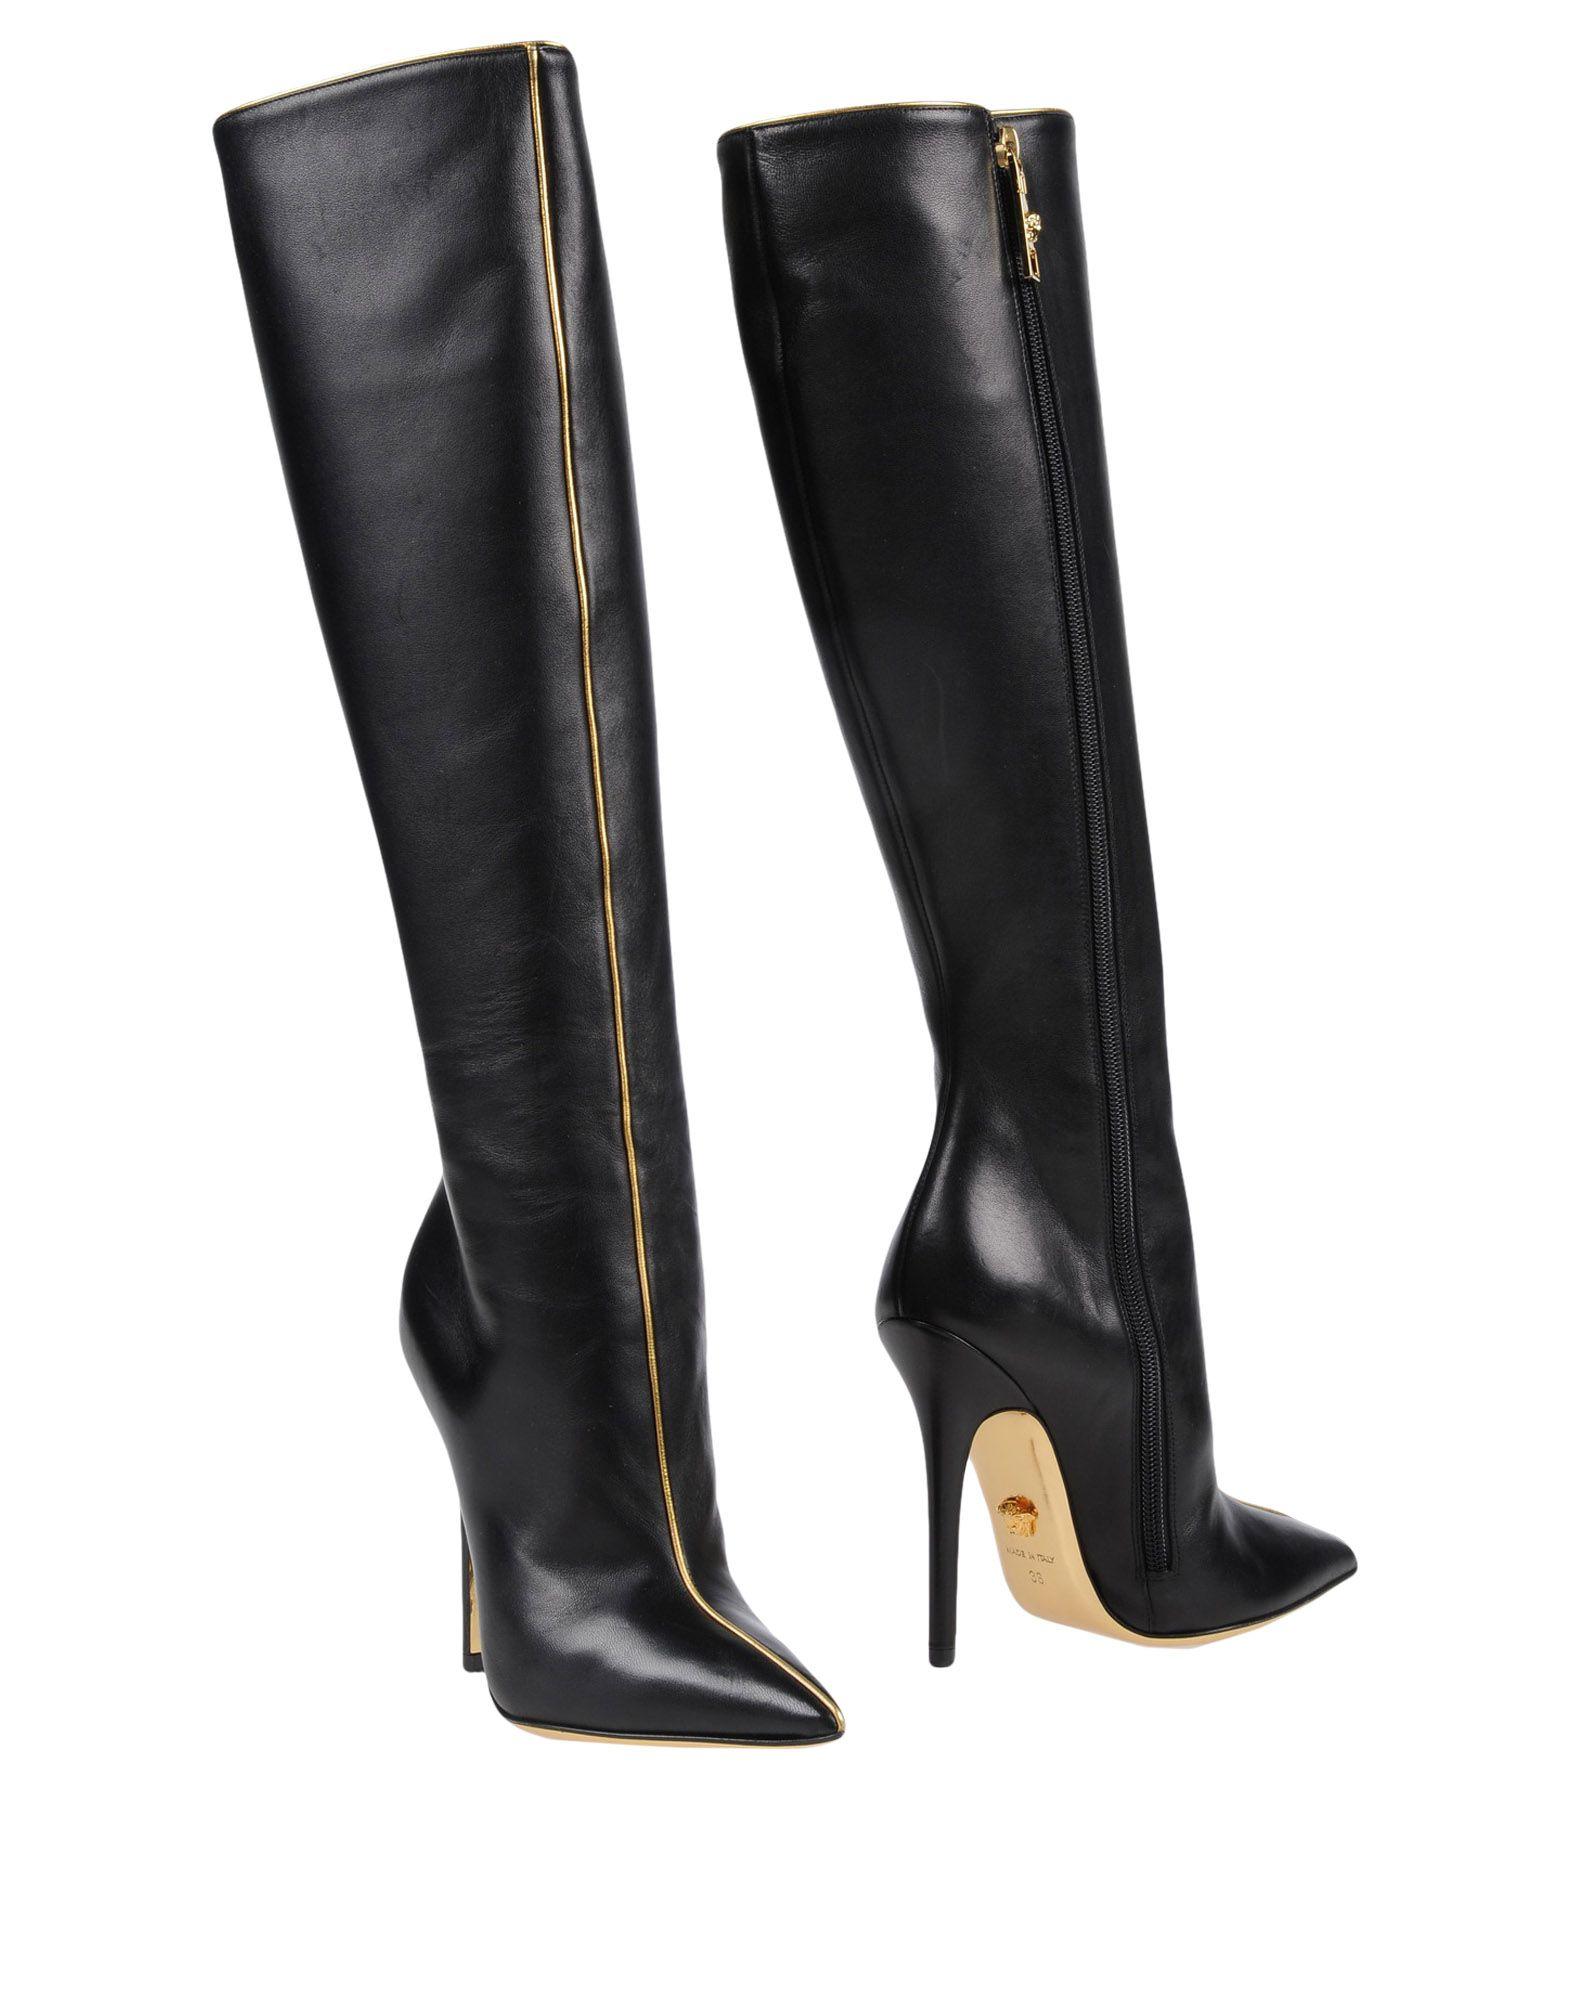 Stivali Versace Donna - 11451880KA Scarpe economiche e buone